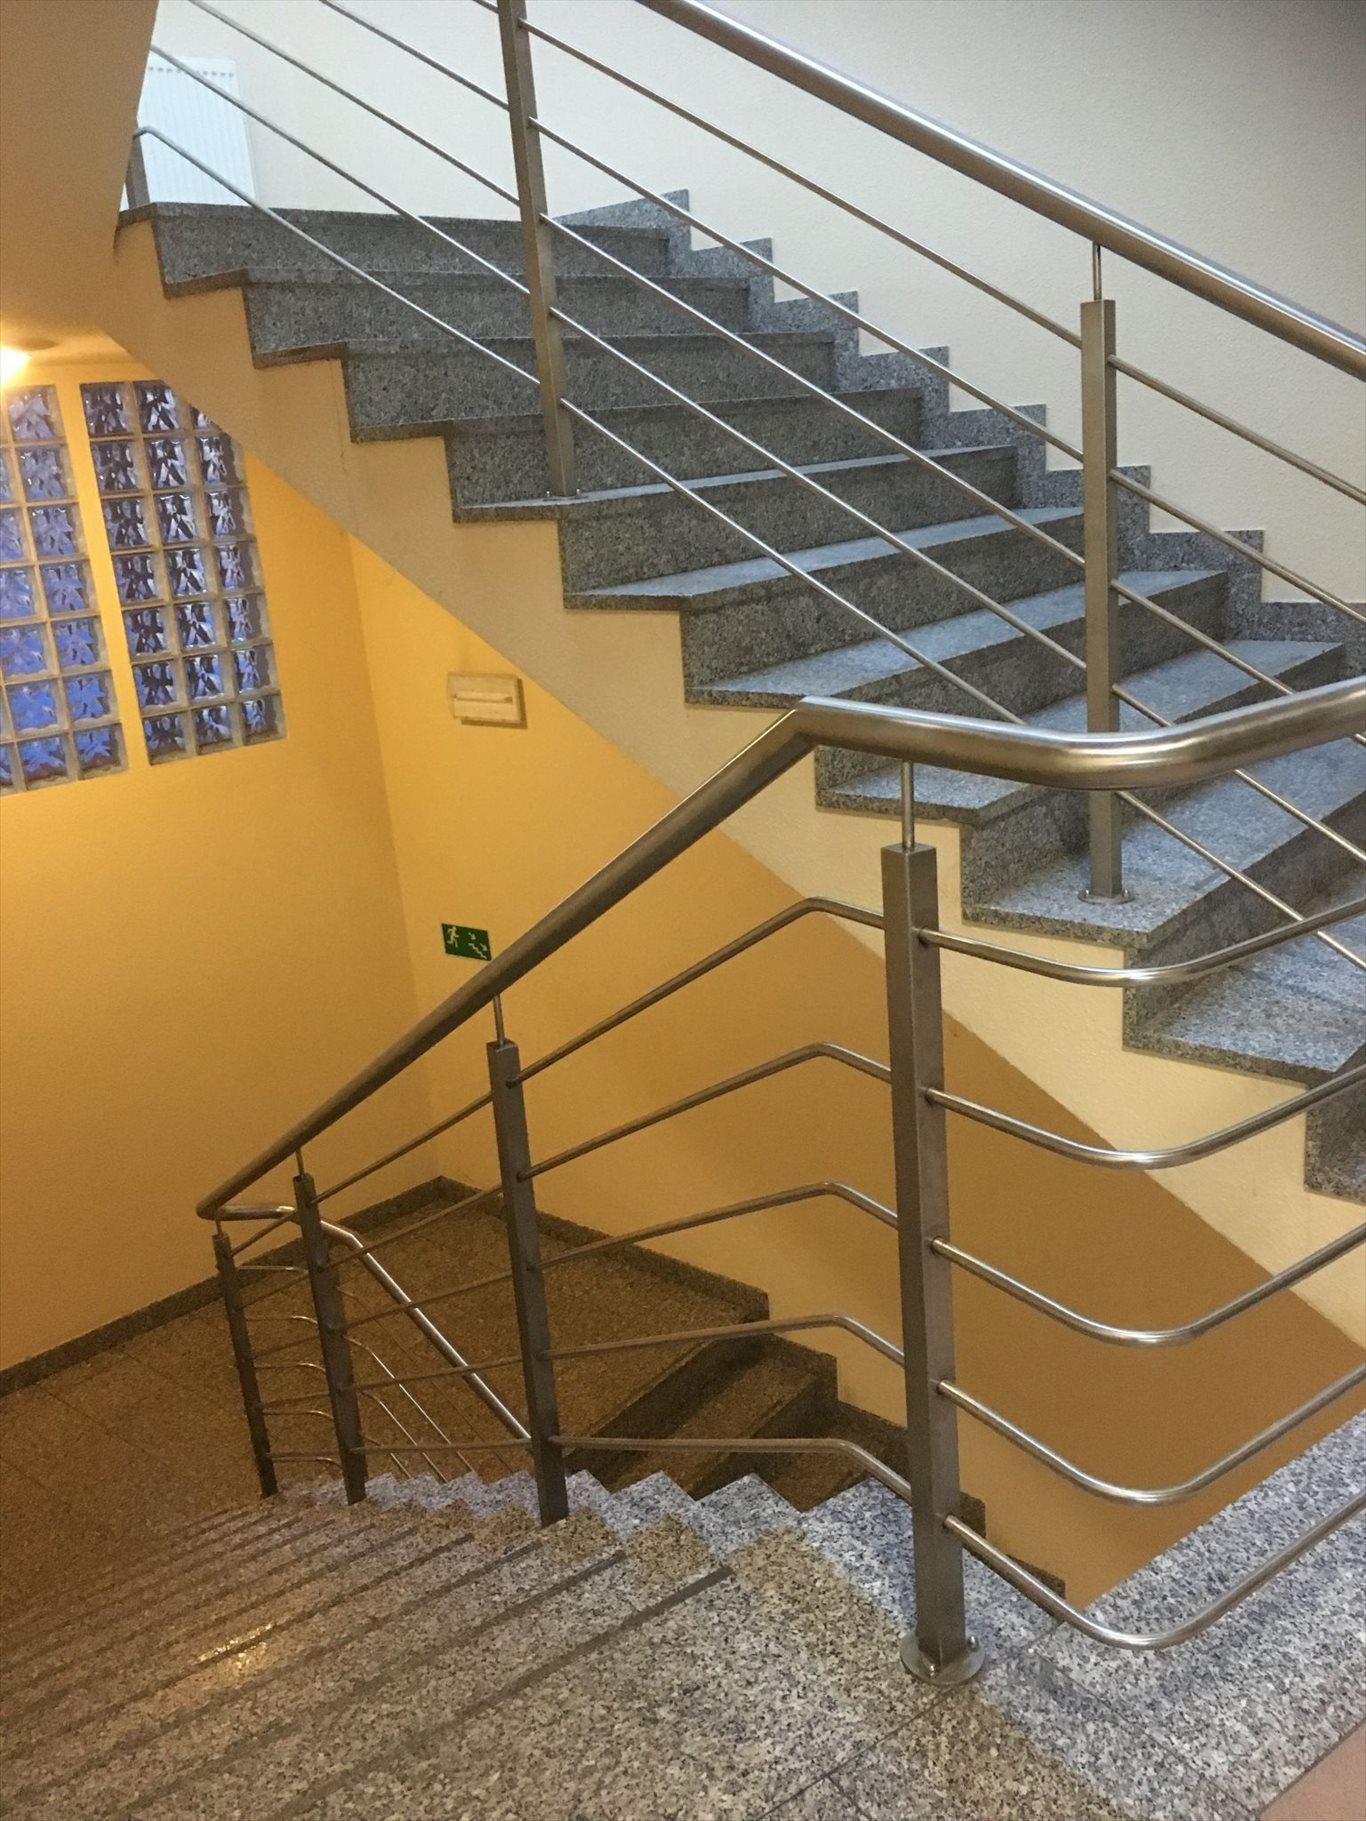 Lokal użytkowy na wynajem Kielce, Centrum, Paderewskiego  Fitness !!!!  461m2 Foto 9